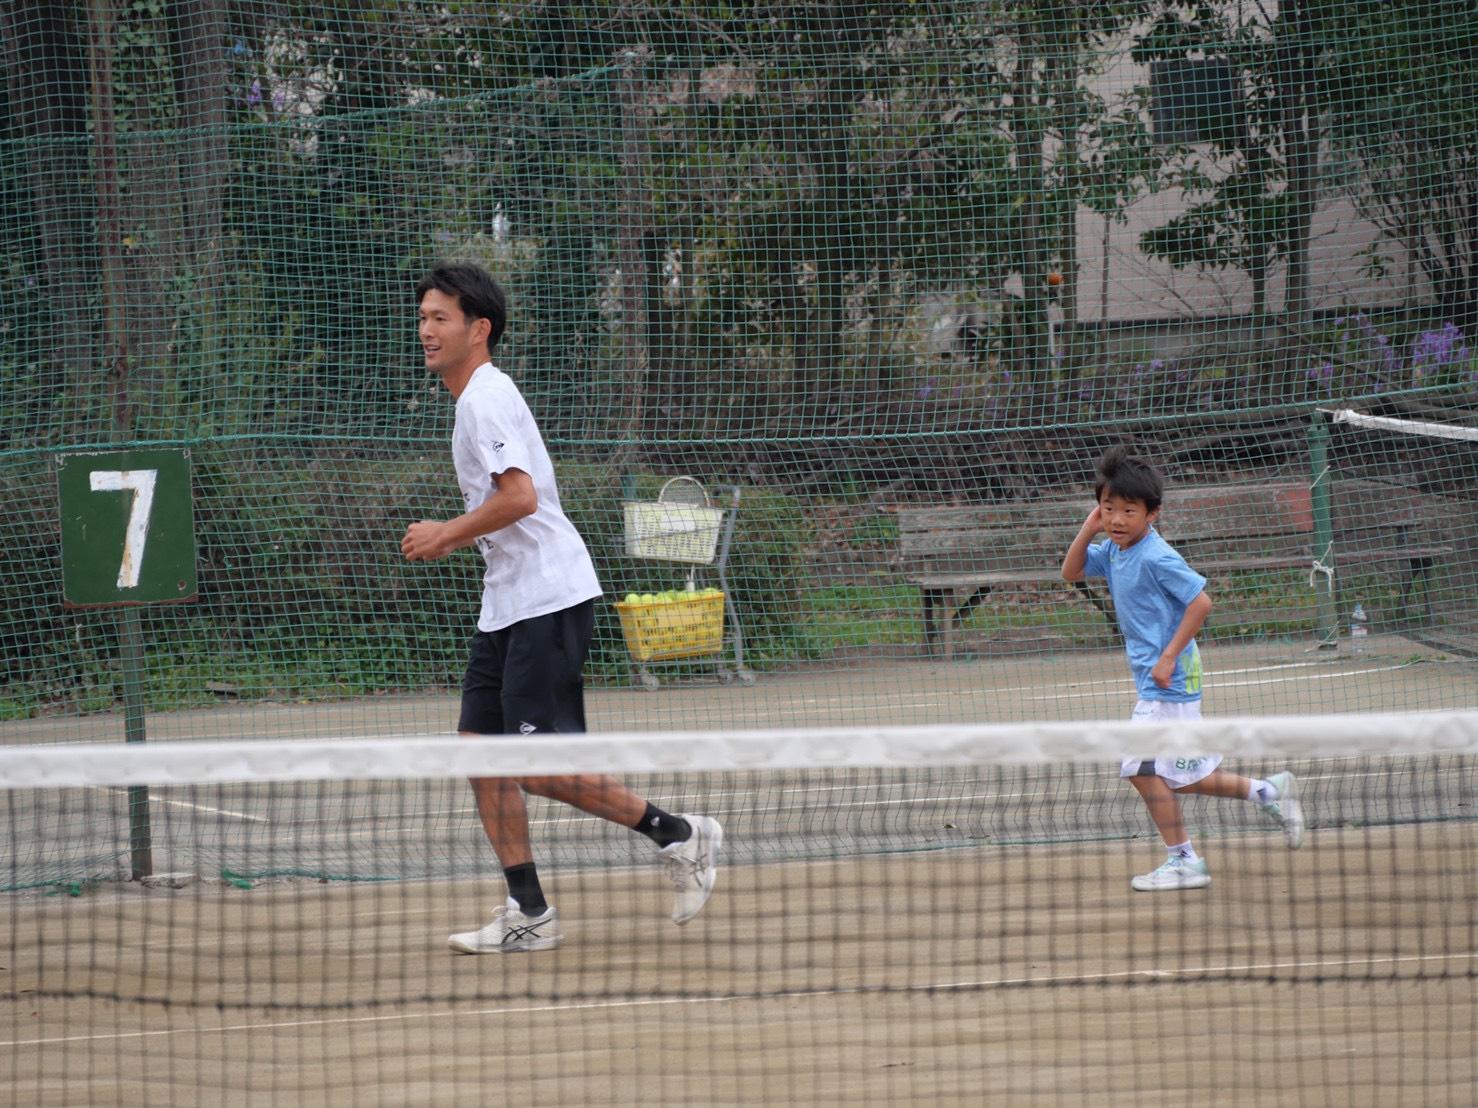 むさしの村ローンテニスクラブ交流会 山崎純平プロとジュニア選手